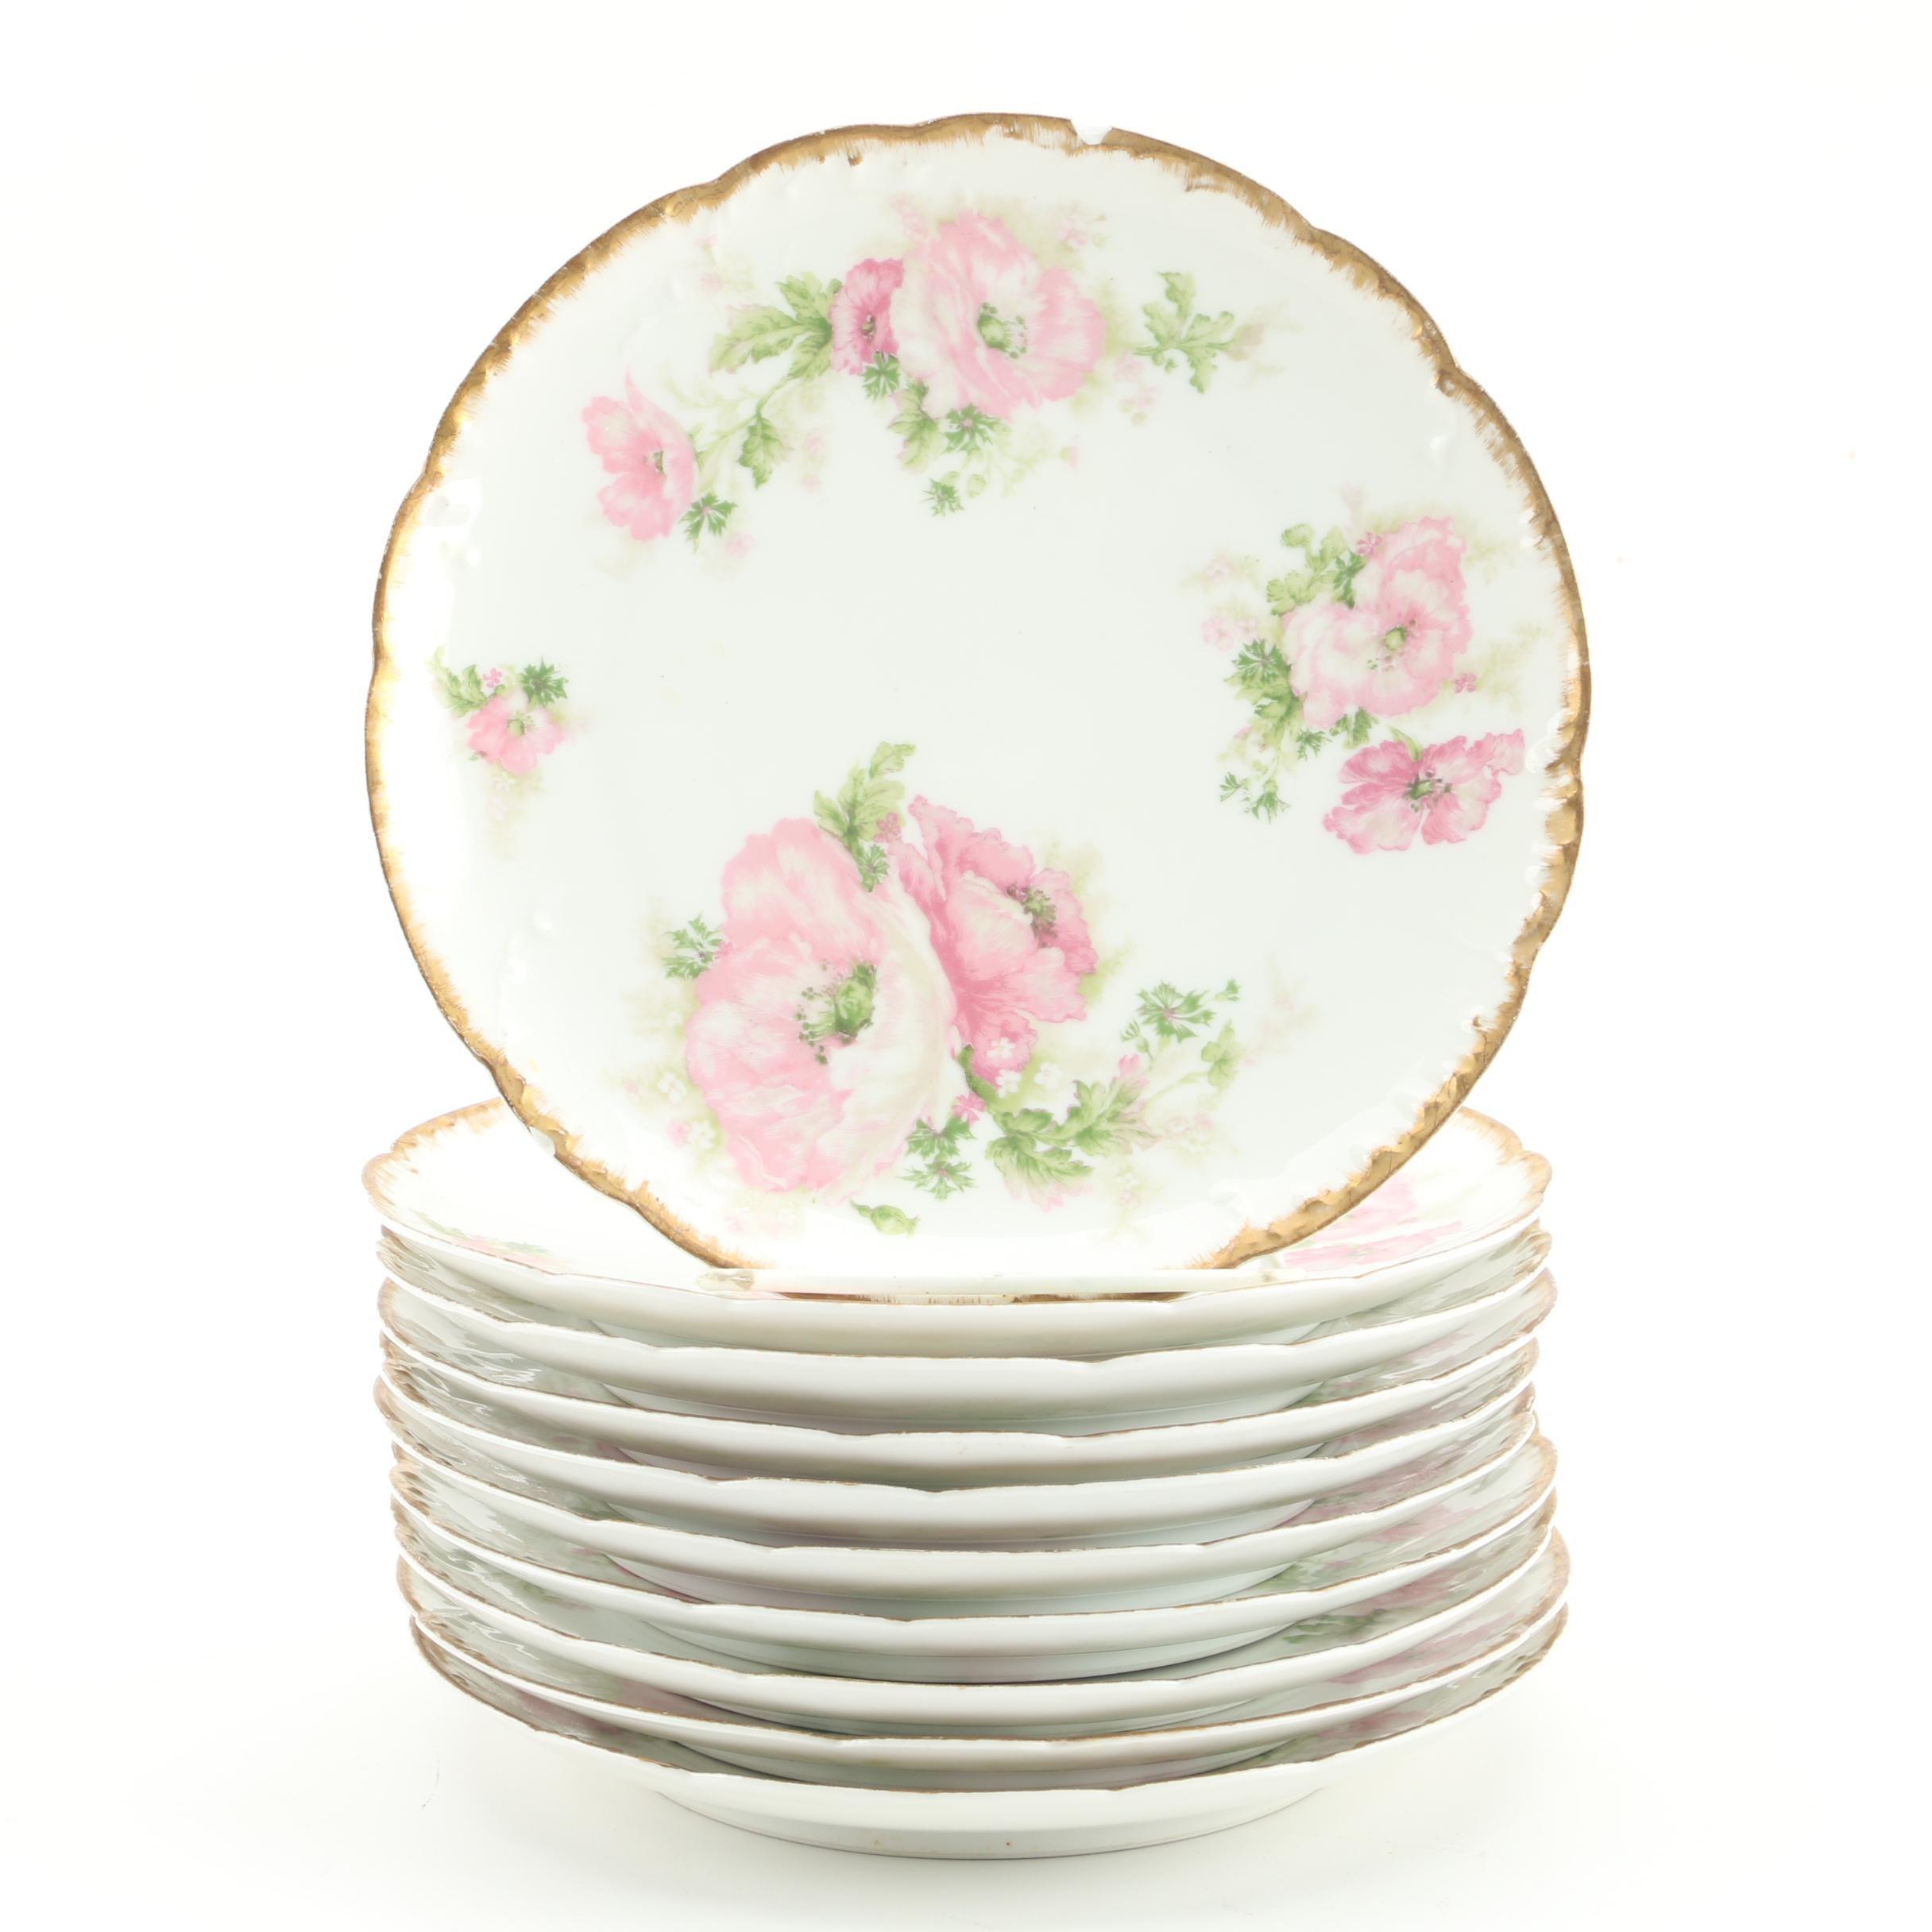 Vintage Haviland & Co. Floral Themed  Porcelain Salad Plates